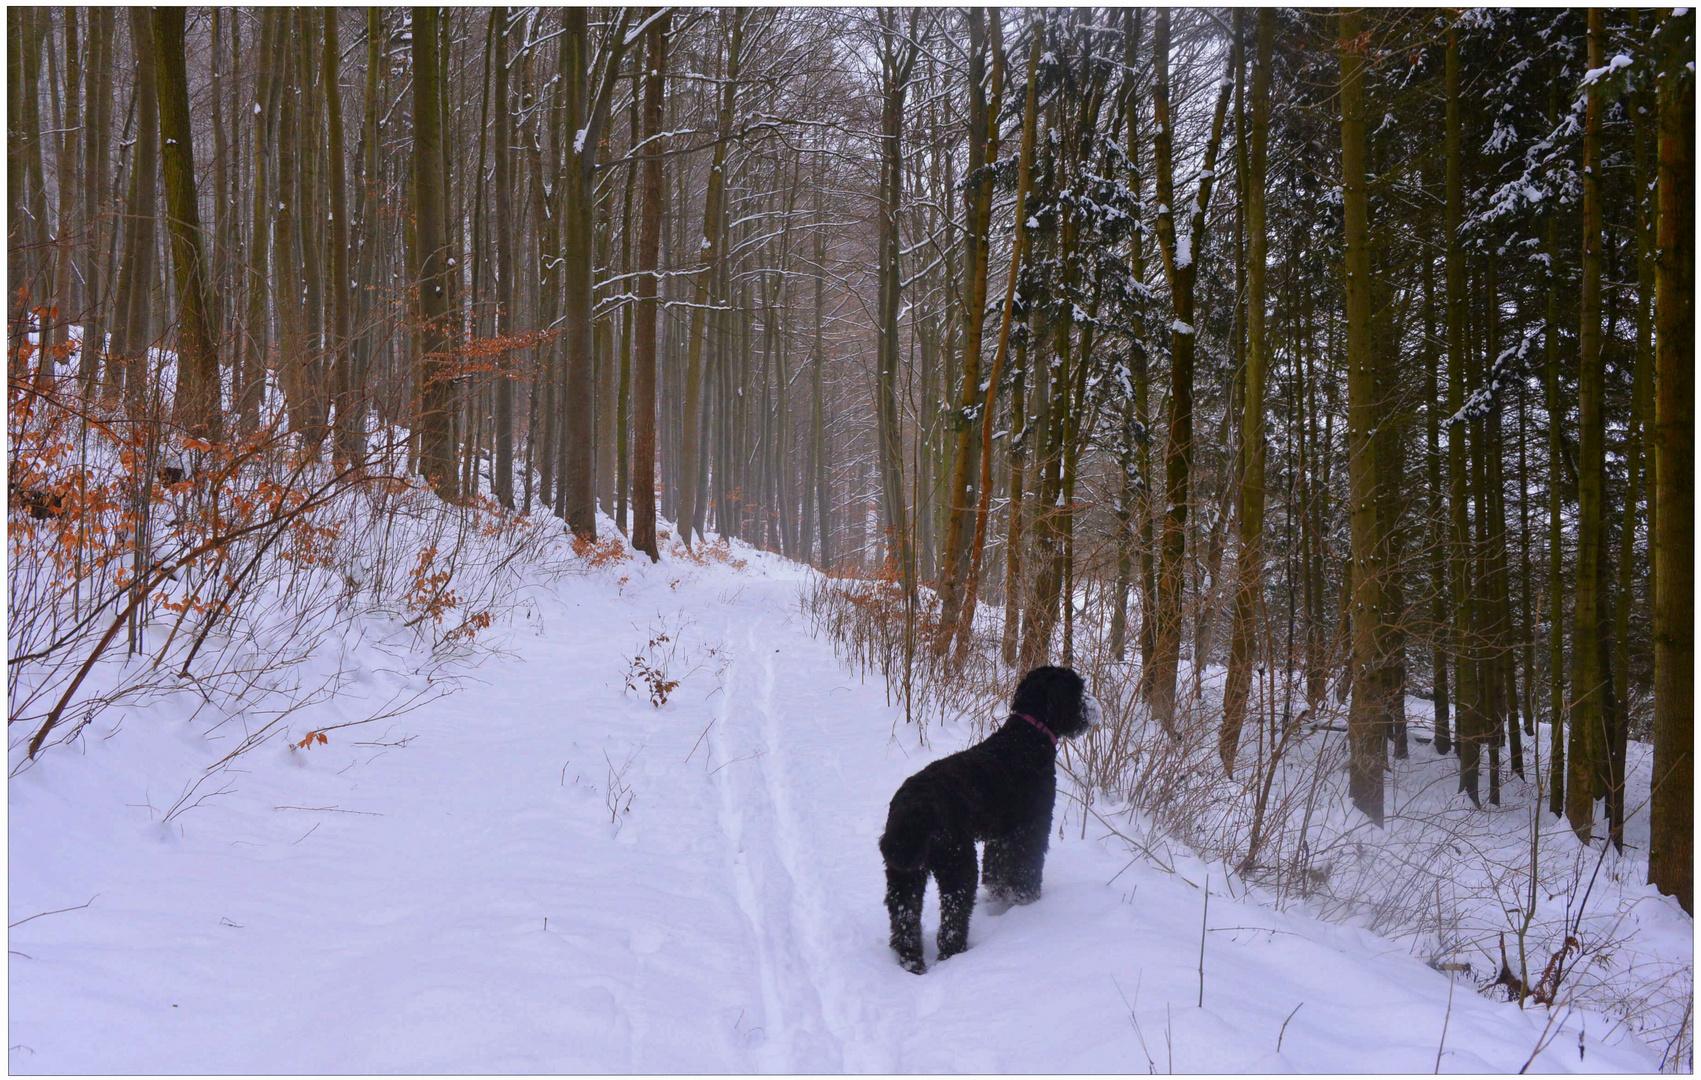 Mit Wicky-Emily im Winter-Wald (con Wicky-Emily en el bosque invernal)